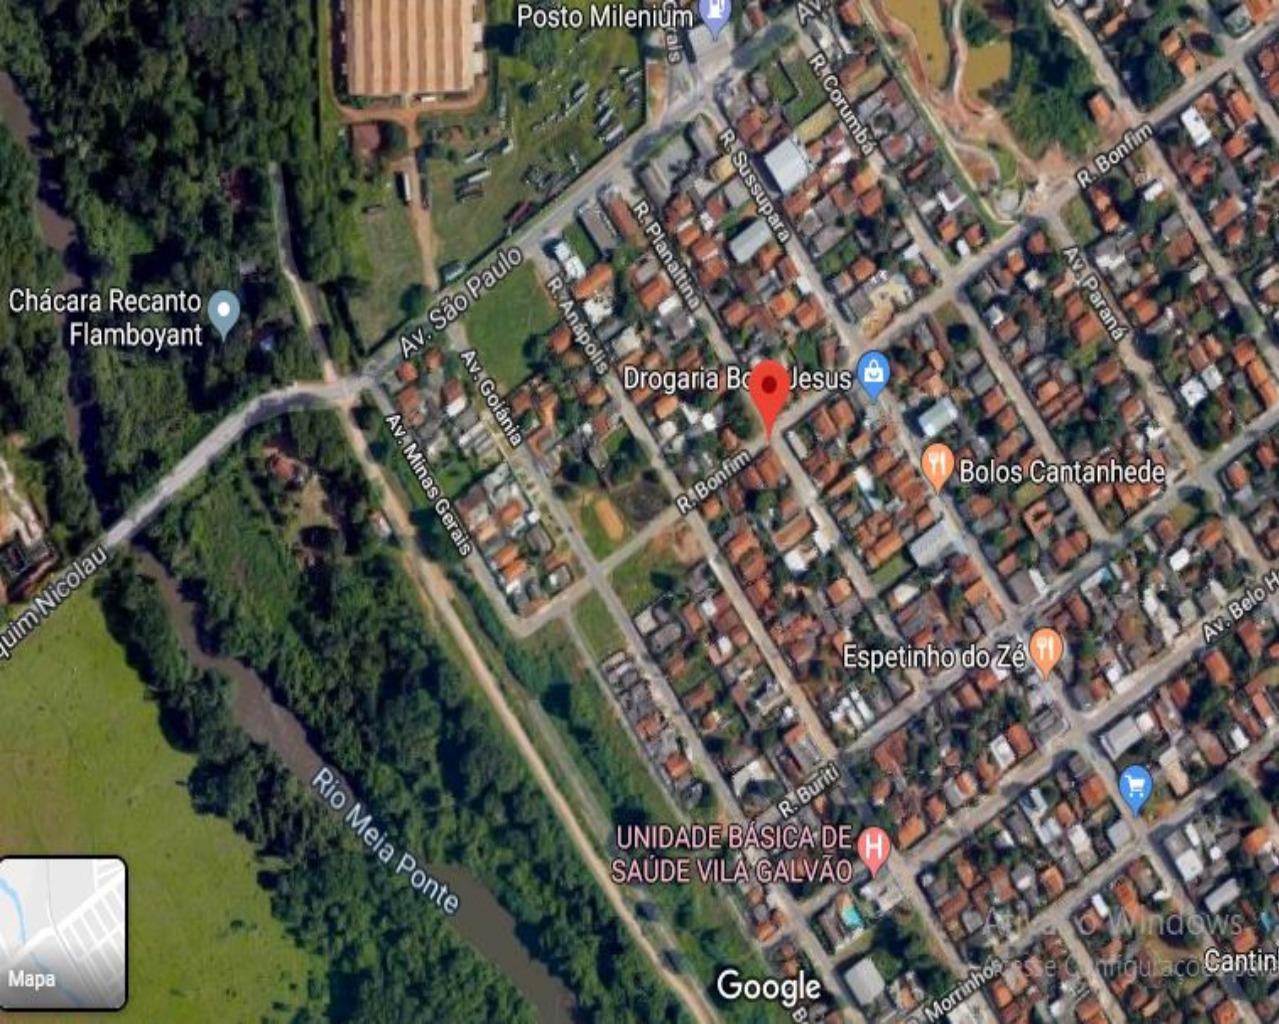 Lote, terreno a venda no Vila Galvão, vizinho ao Portal do Sol, Alphaville, Jardim novo mundo, Senador Canedo.